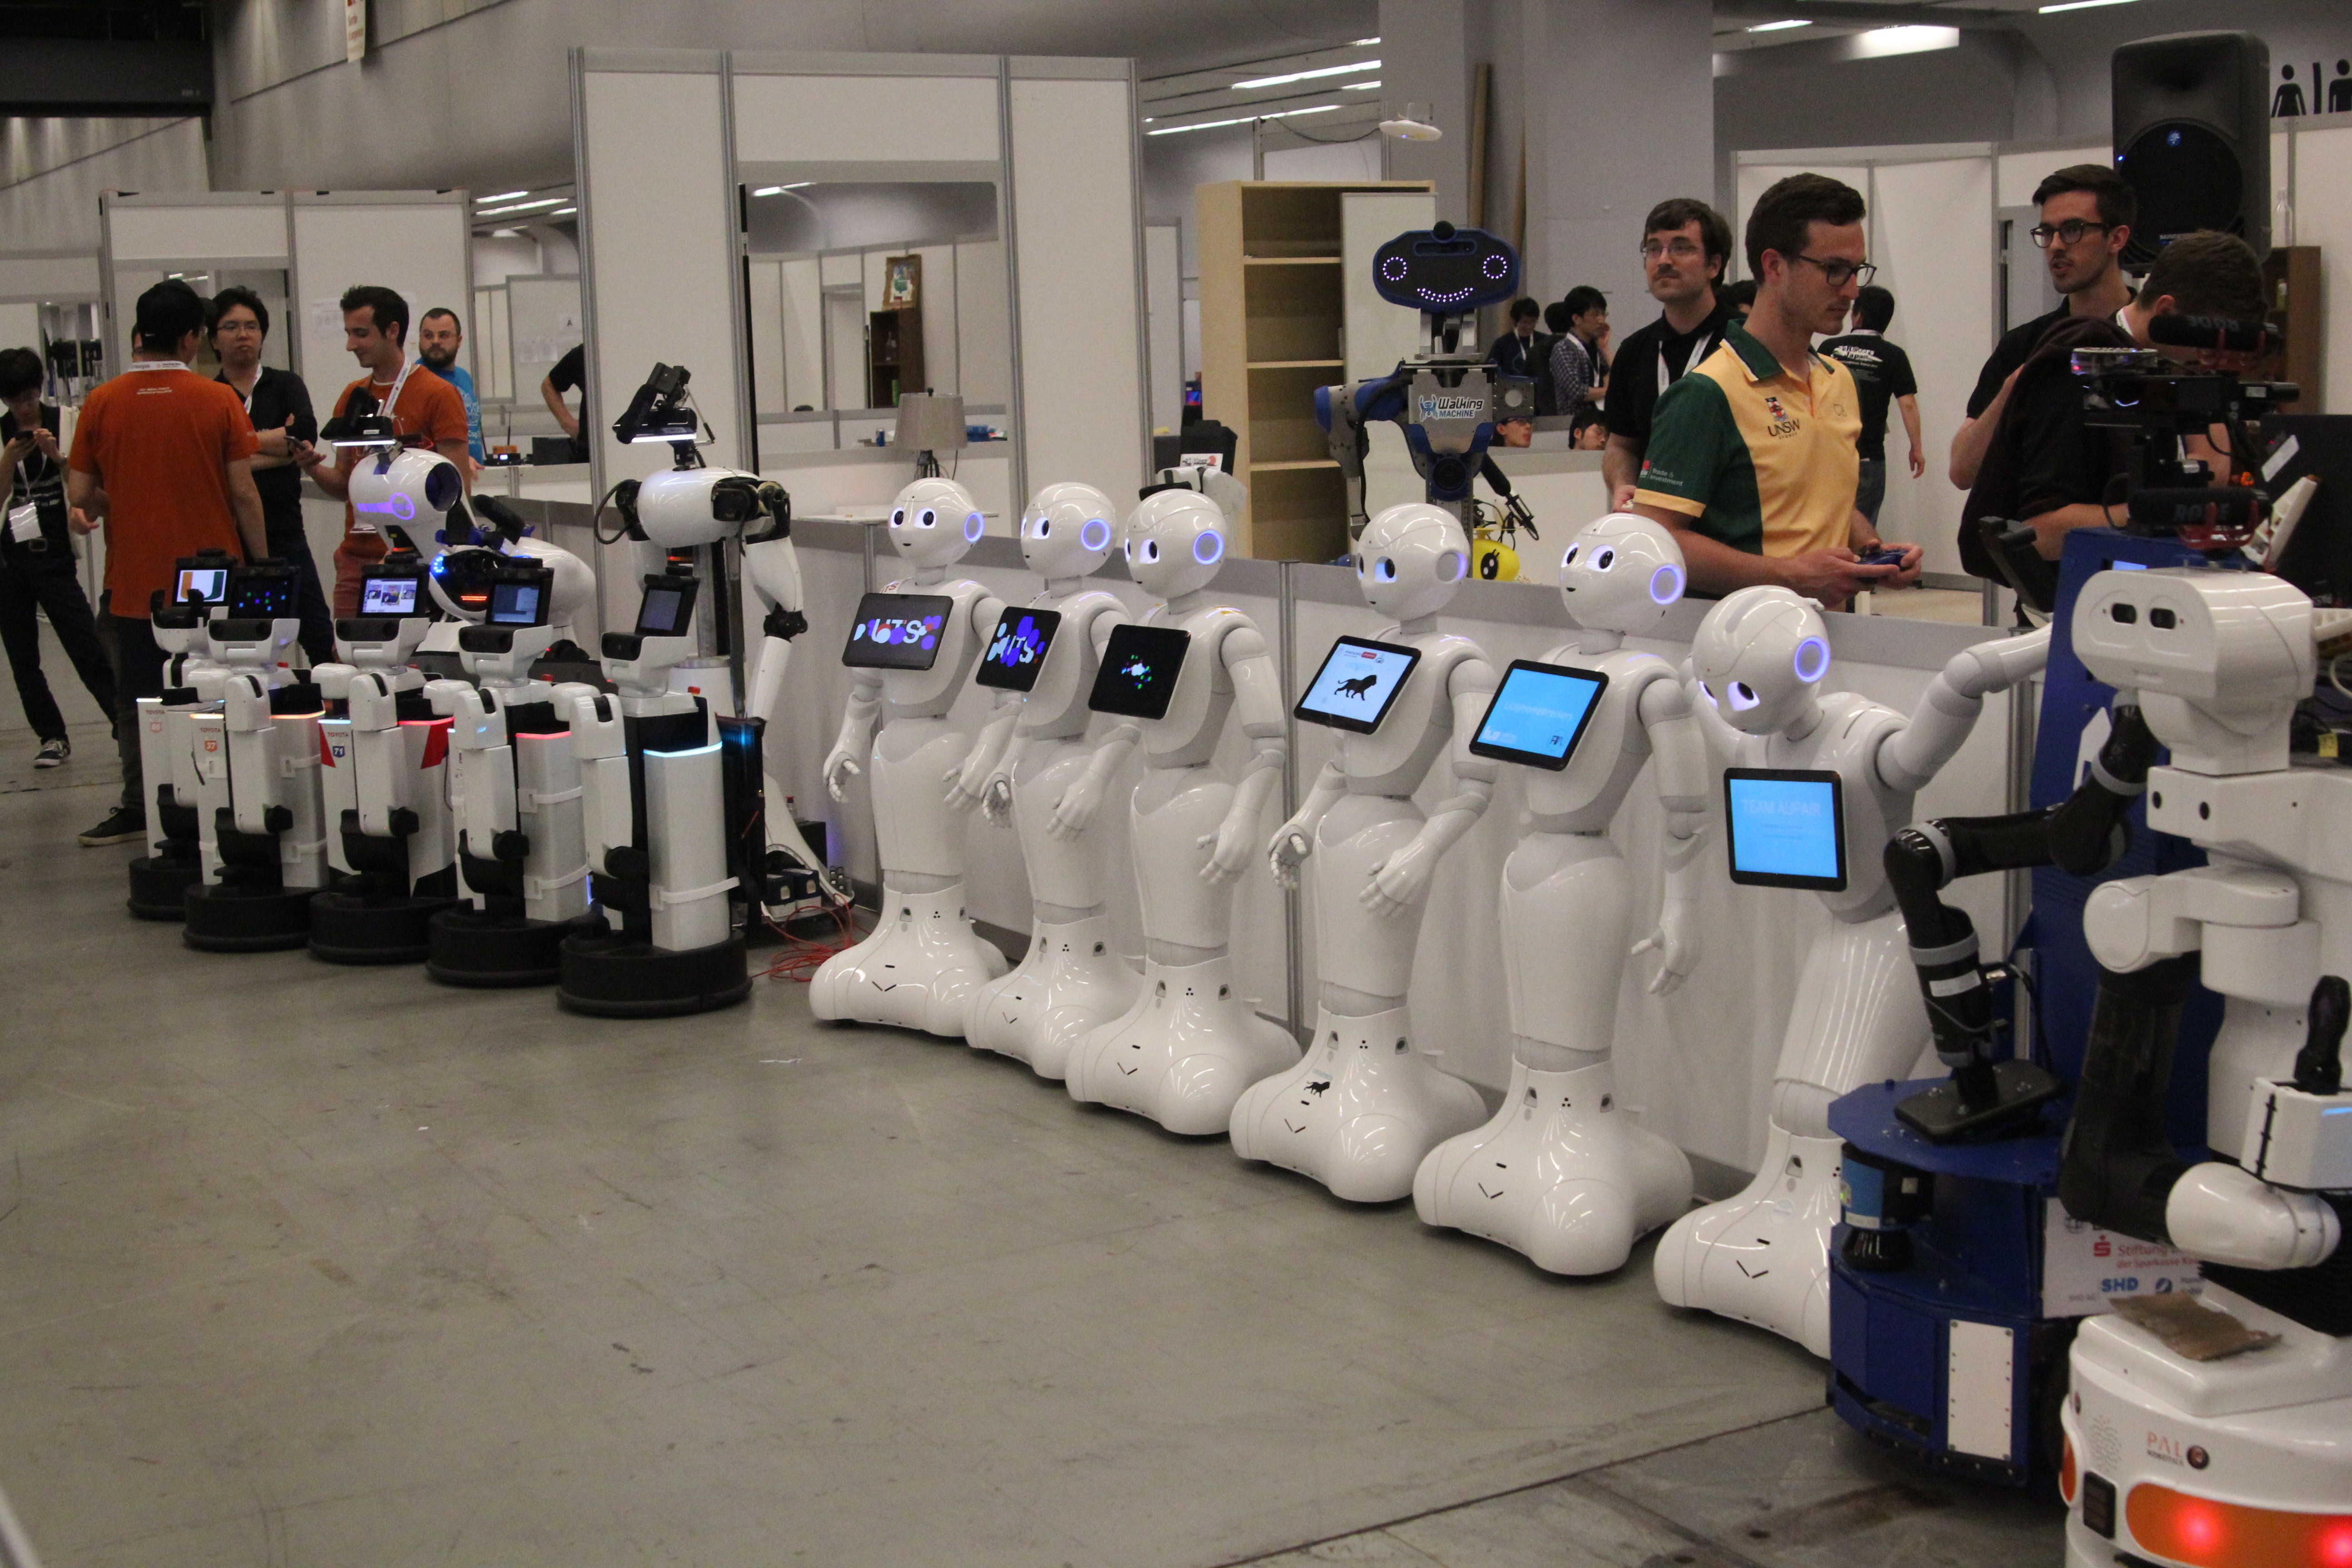 Robots Rollout